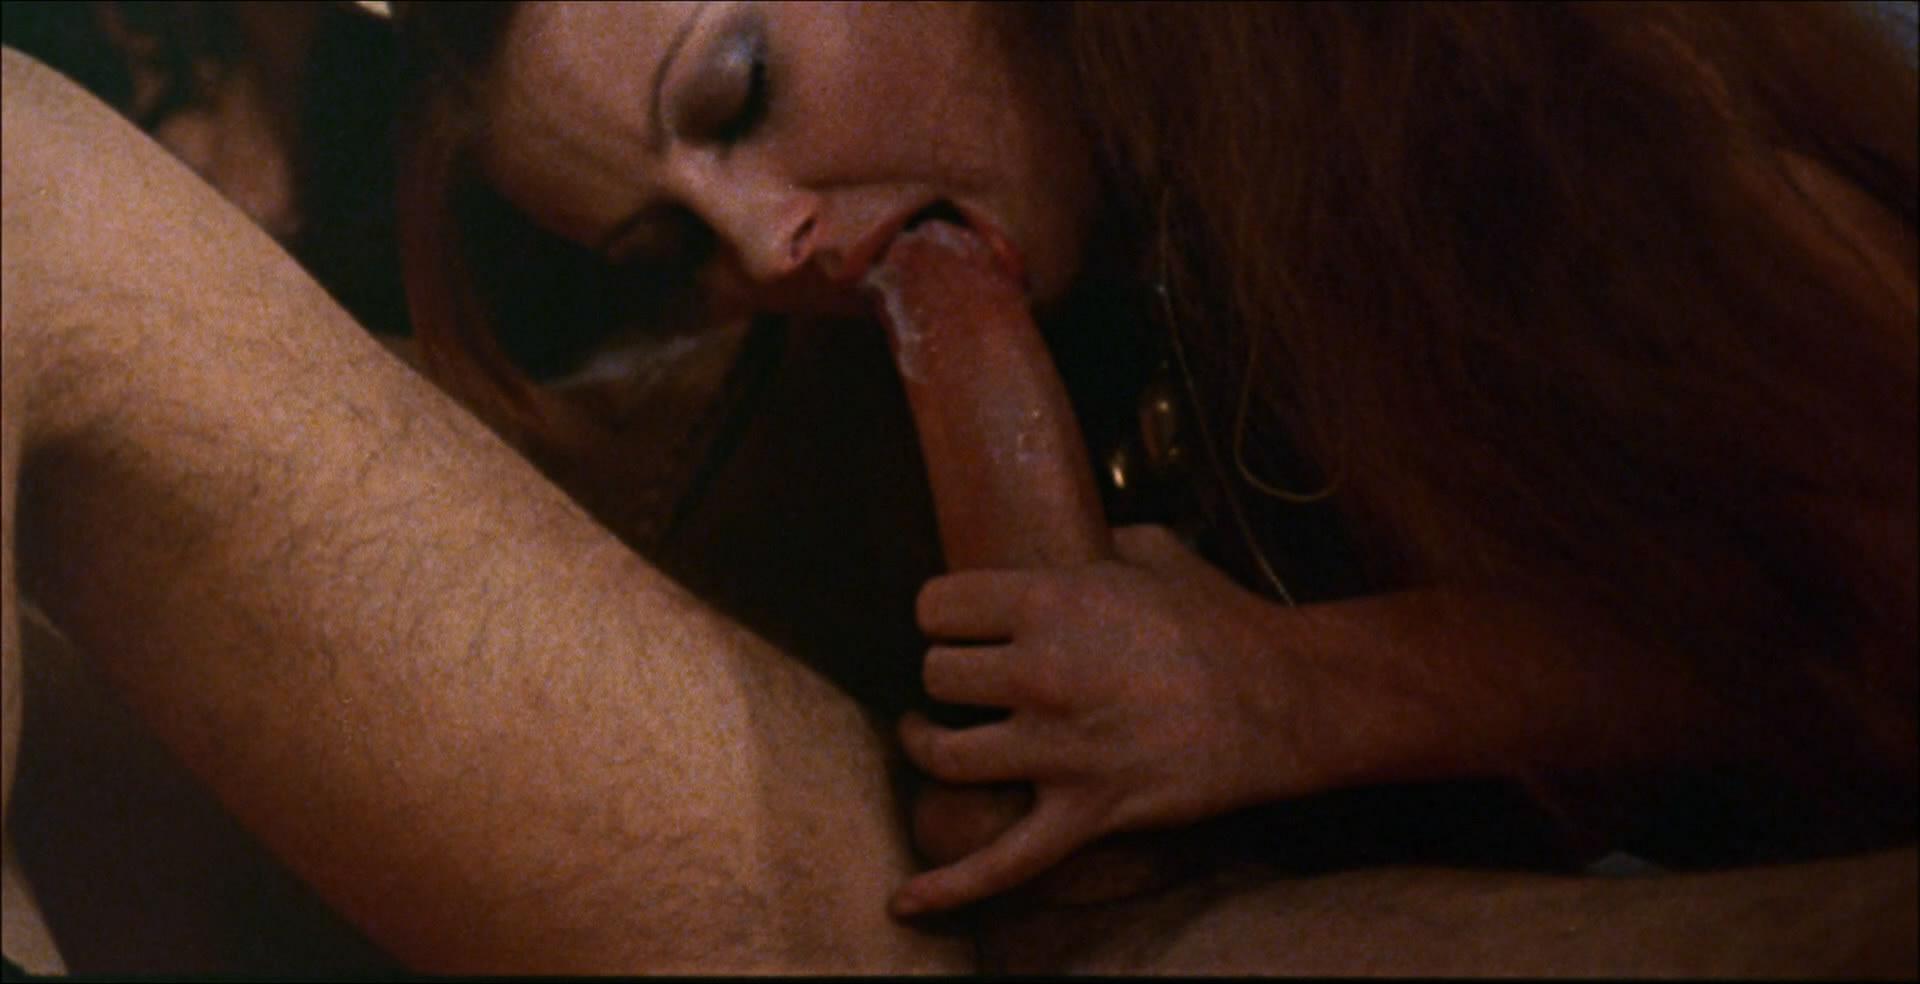 оральный секс в художественном кино девушки занимаются